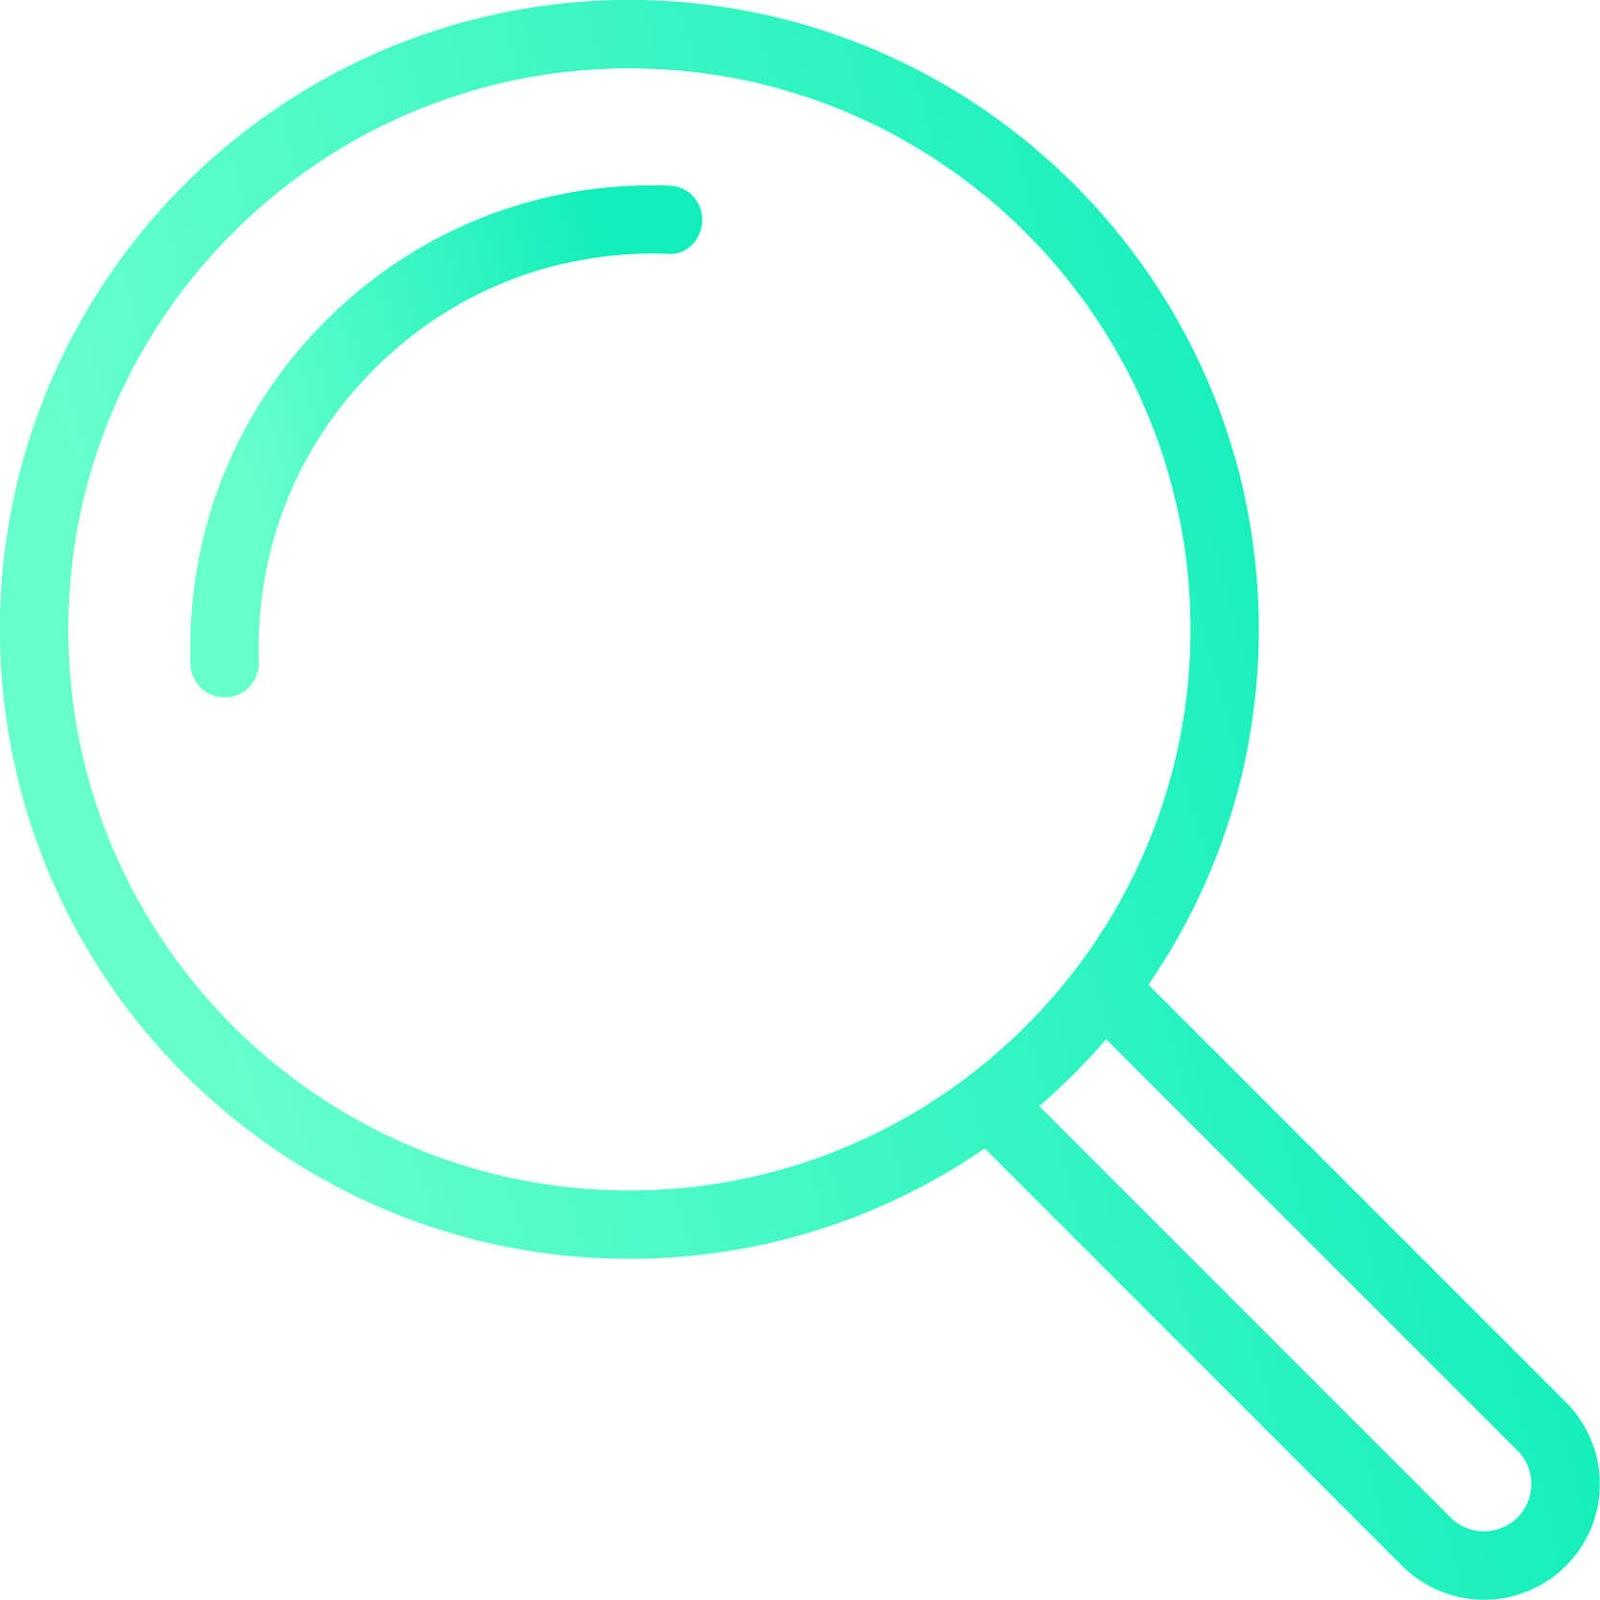 Set specific KPIs using the SMART goal framework.